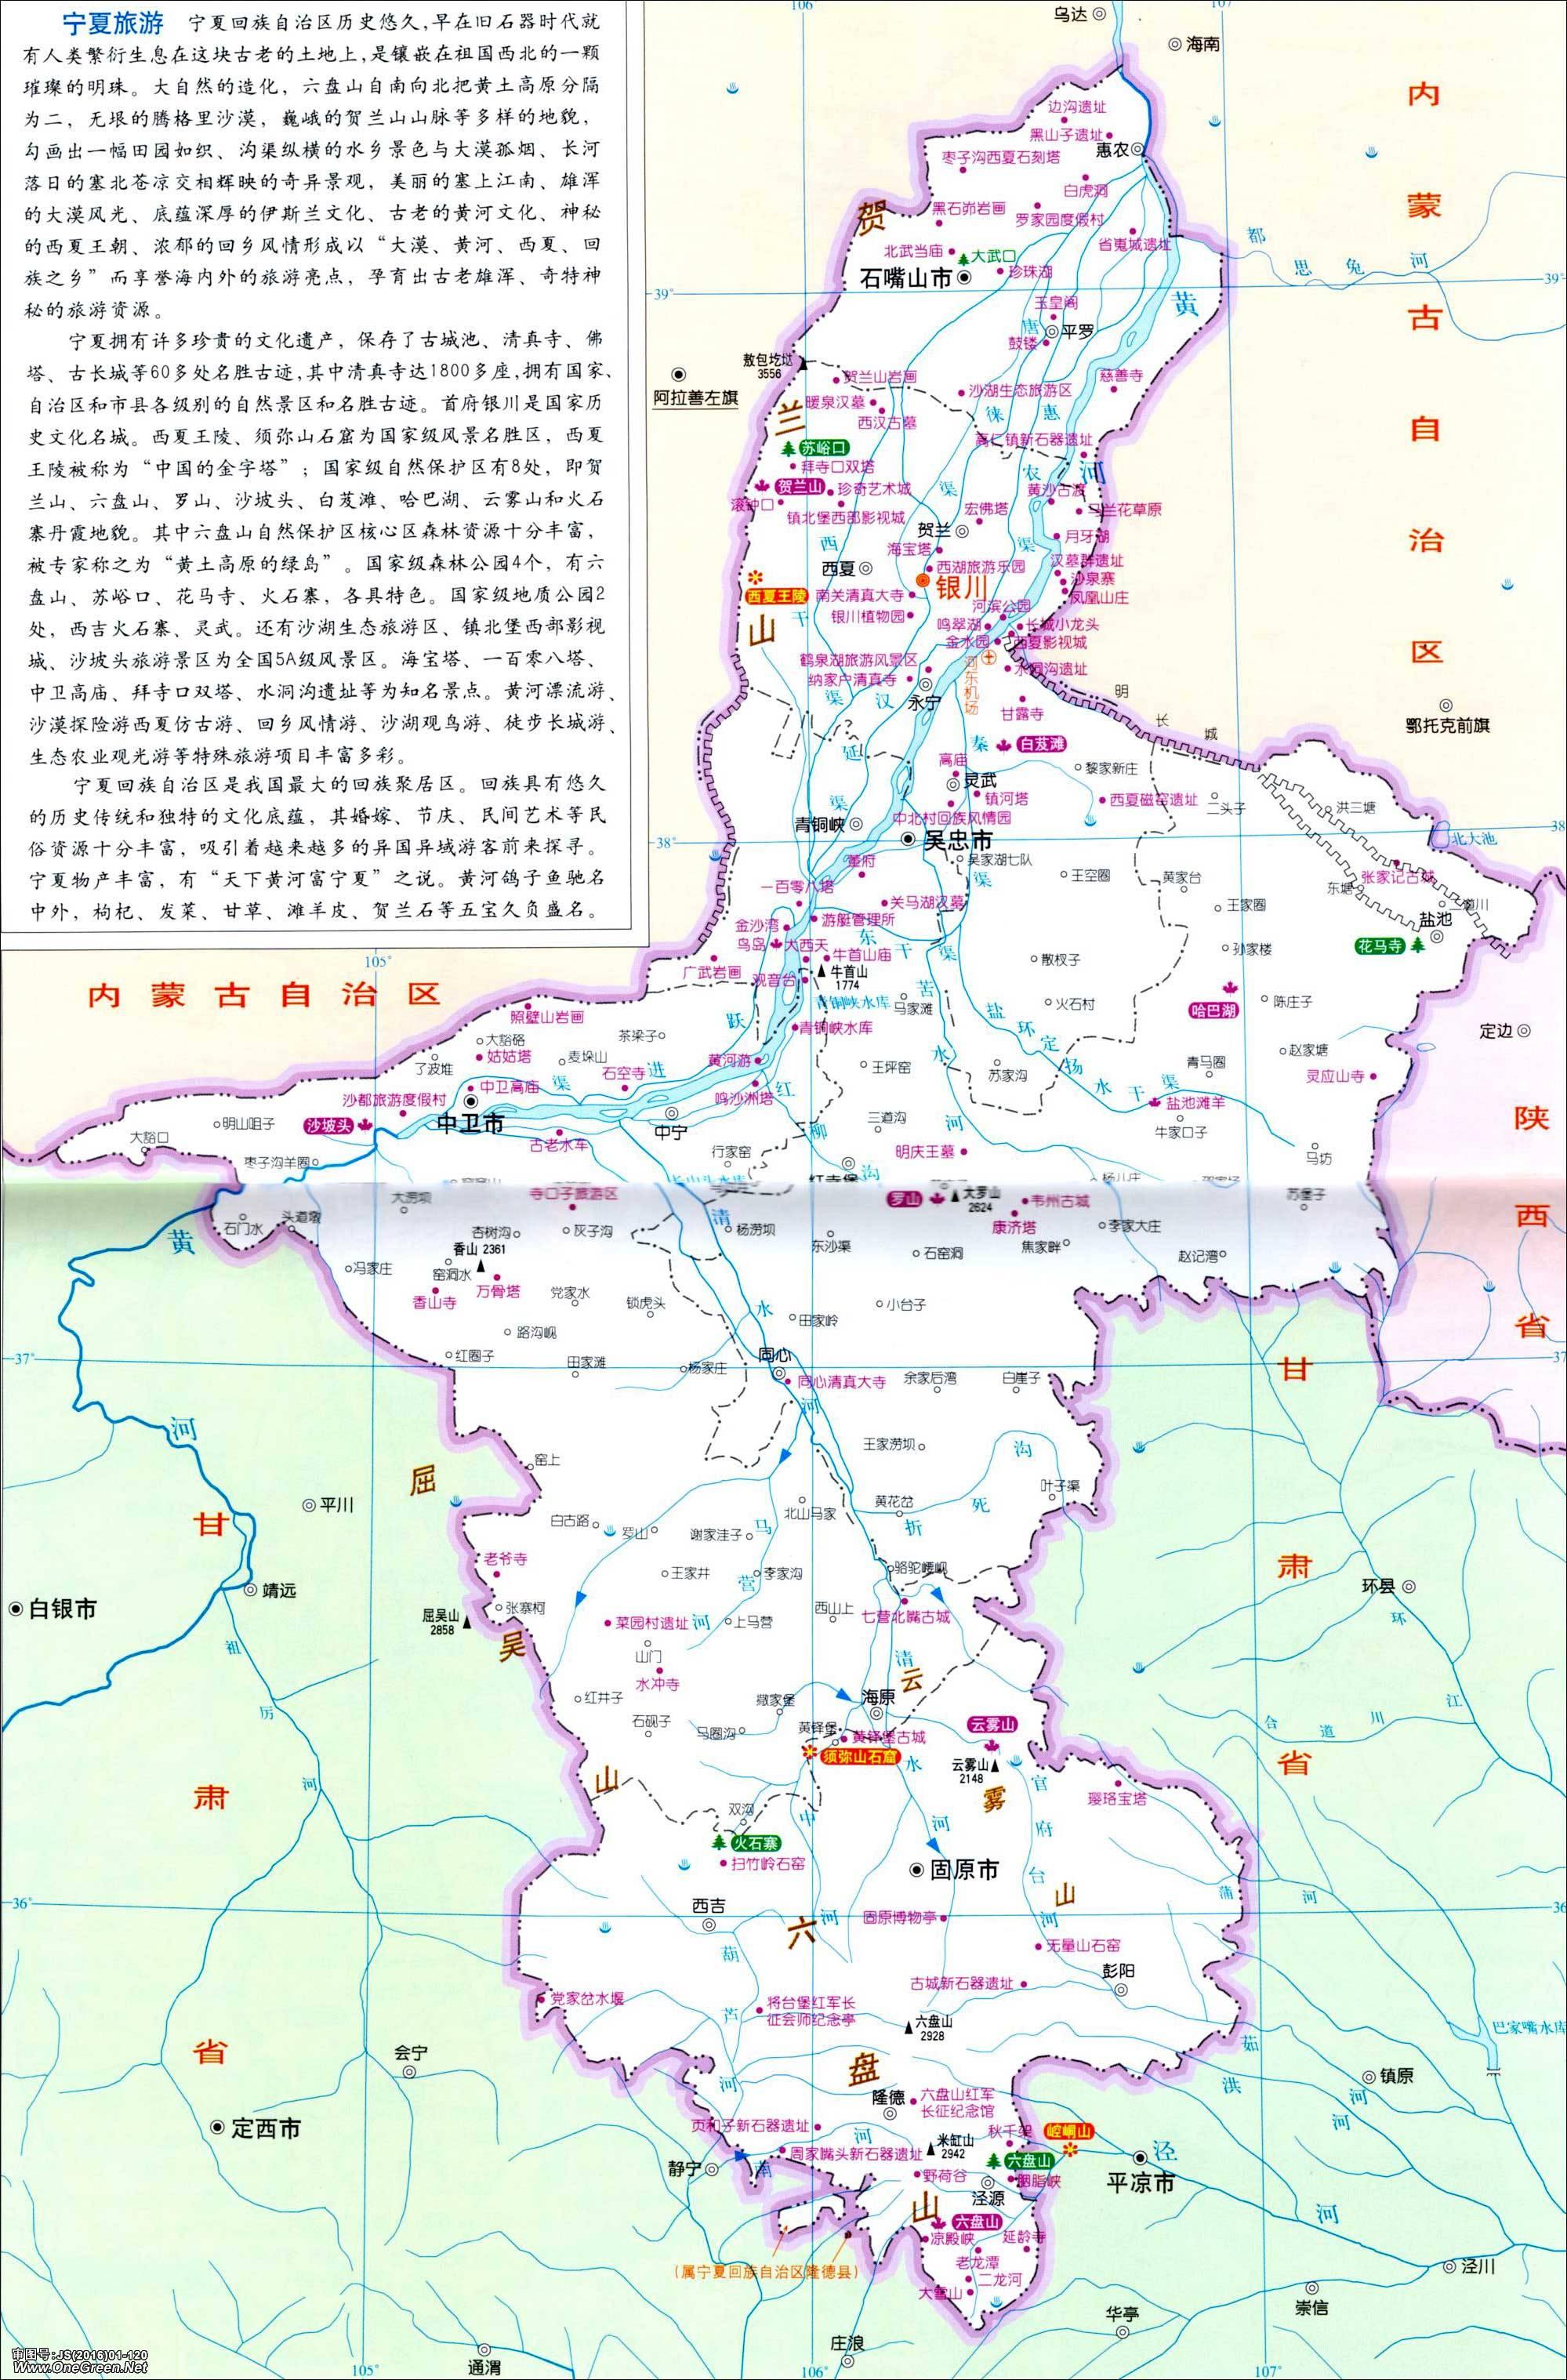 宁夏旅游地图